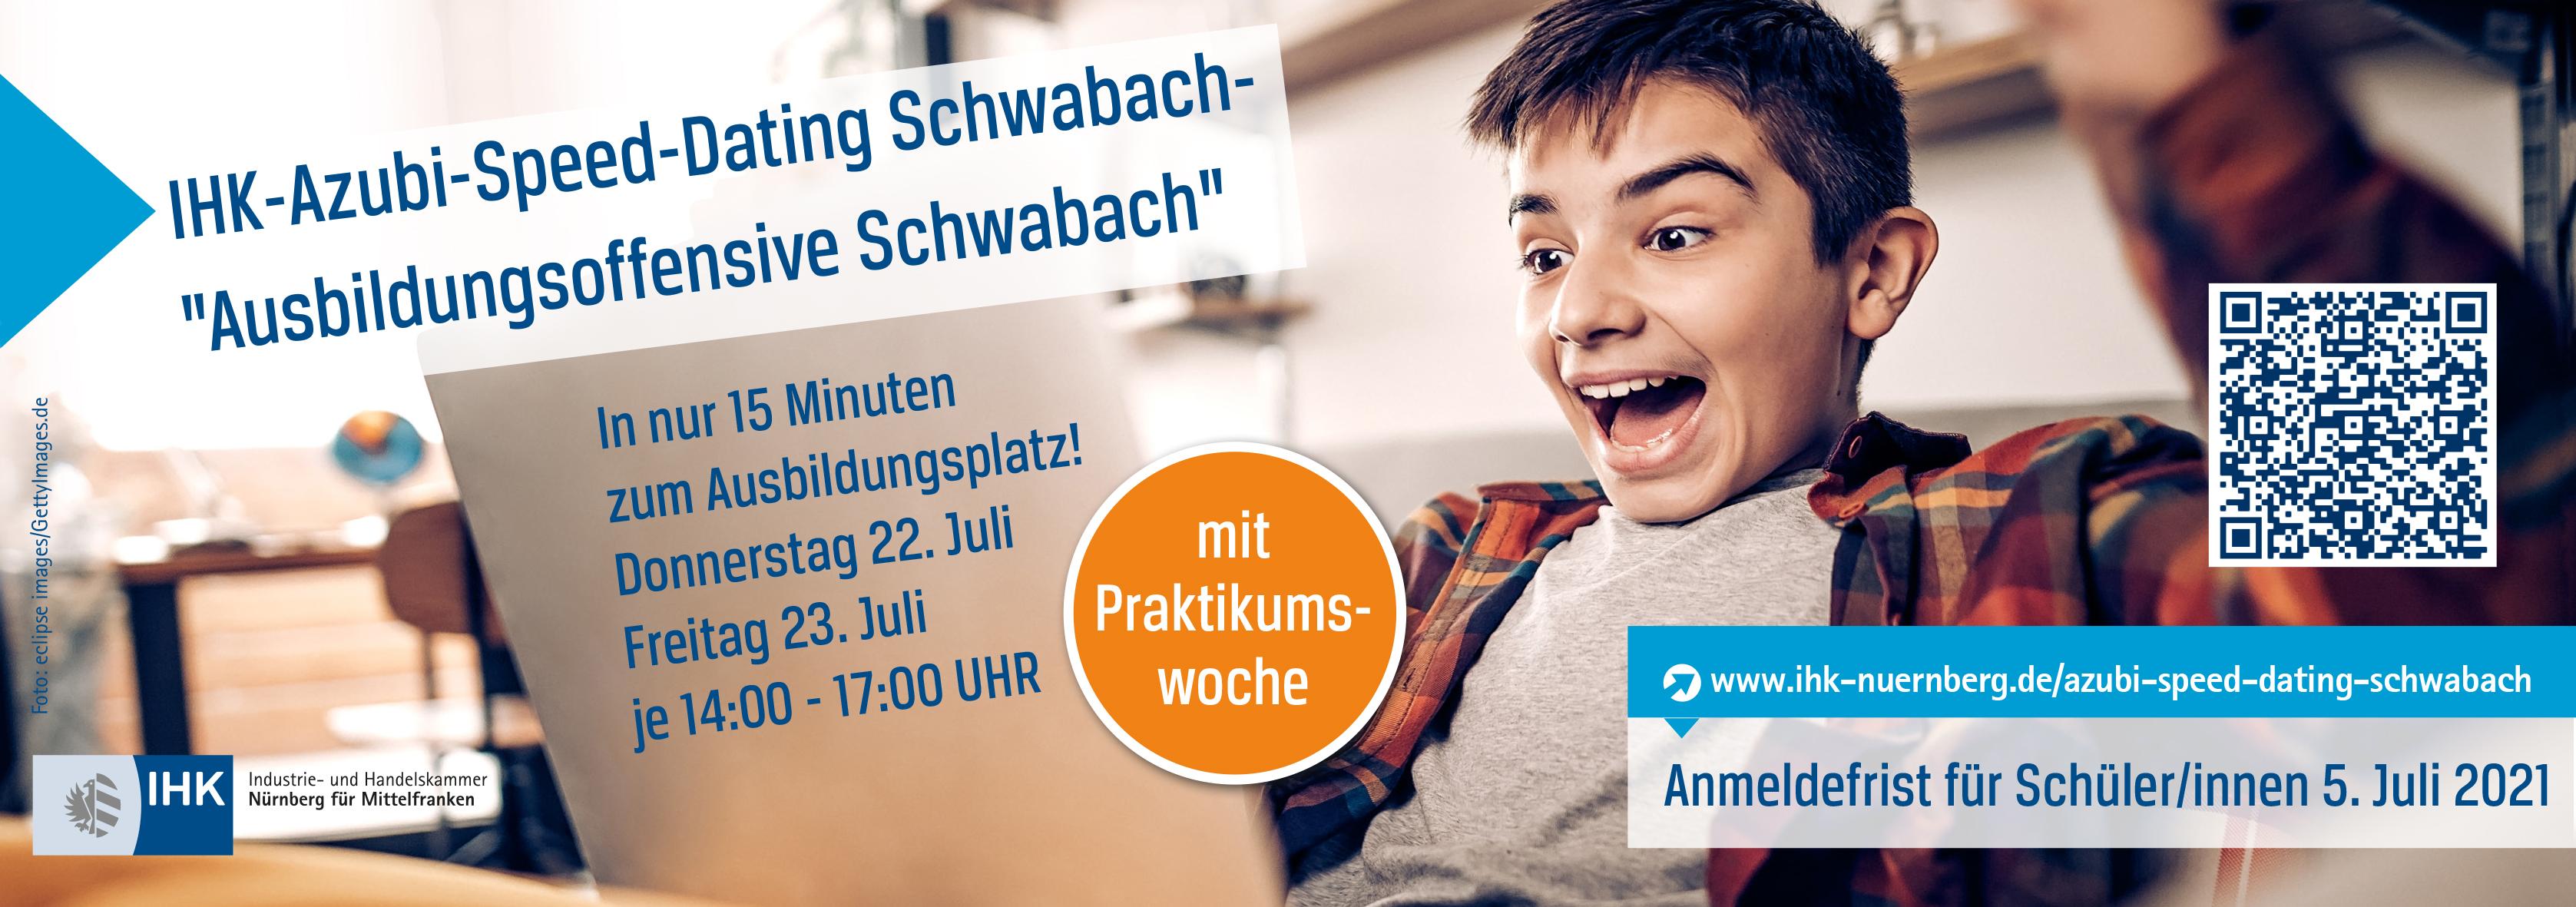 Anzeige_ASD-Schwabach-2021-07-284x100.indd